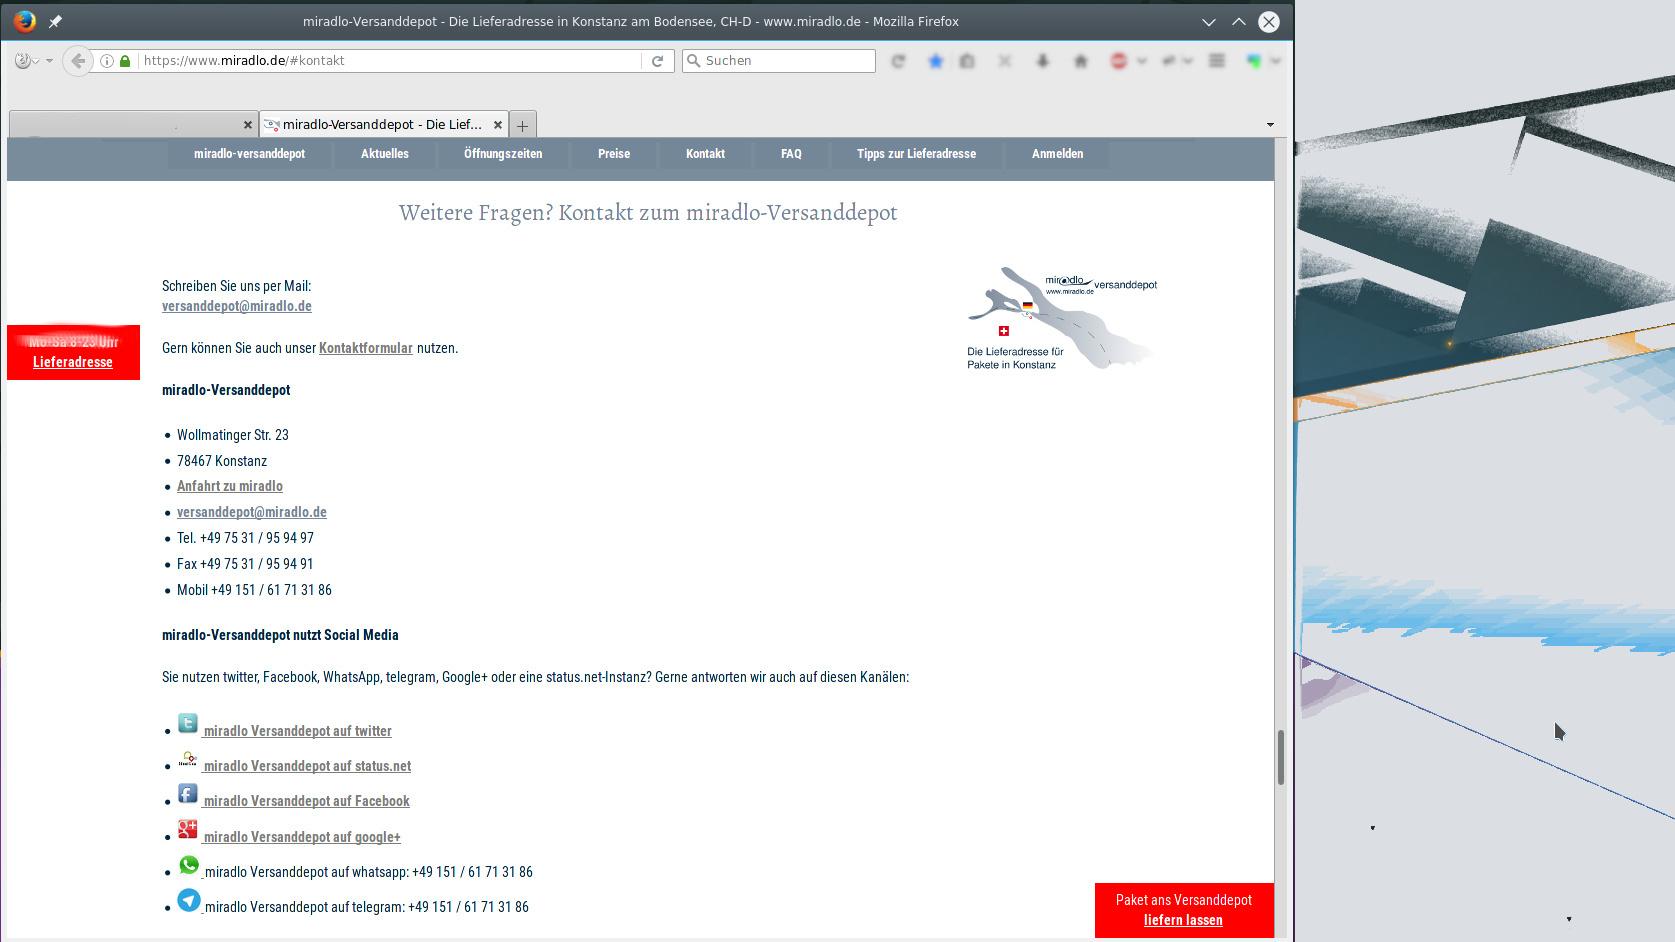 Kontaktmöglichkeiten, Kommunikationswege miradlo Versanddepot, Lieferadresse Konstanz